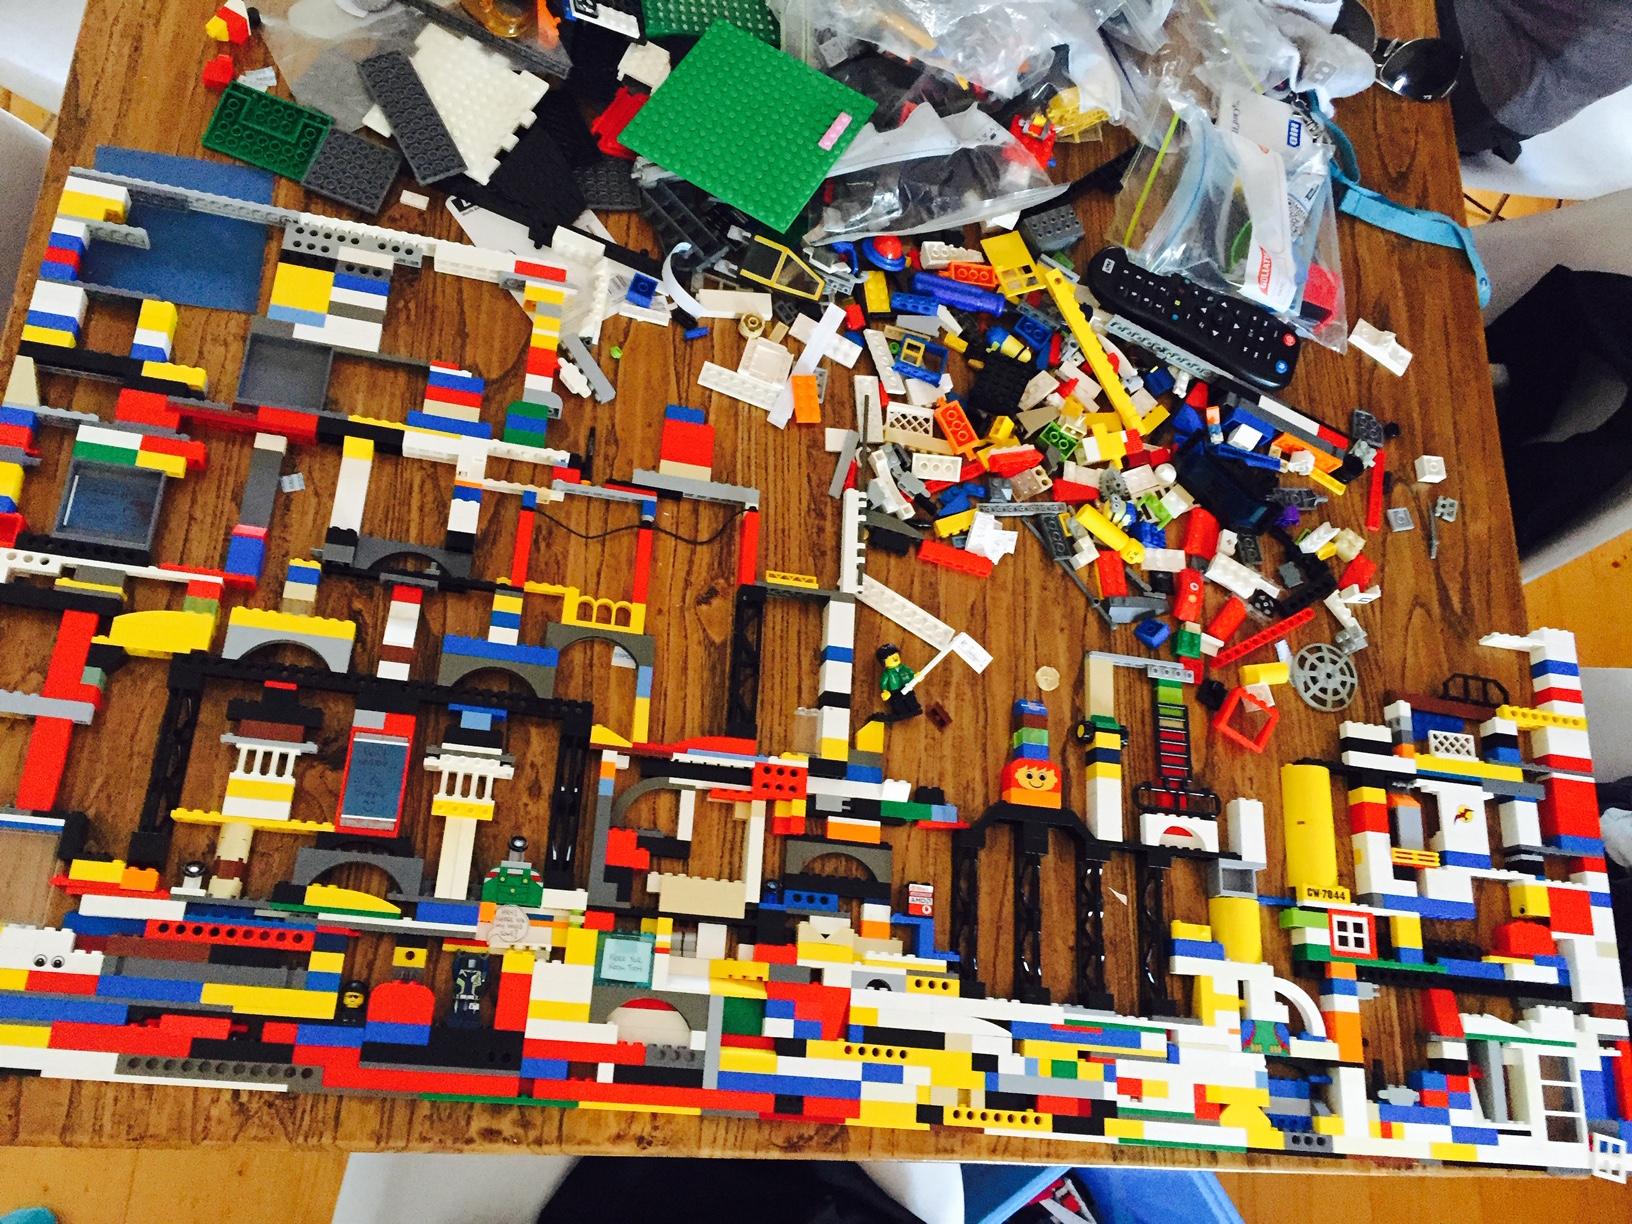 Legos everywhere